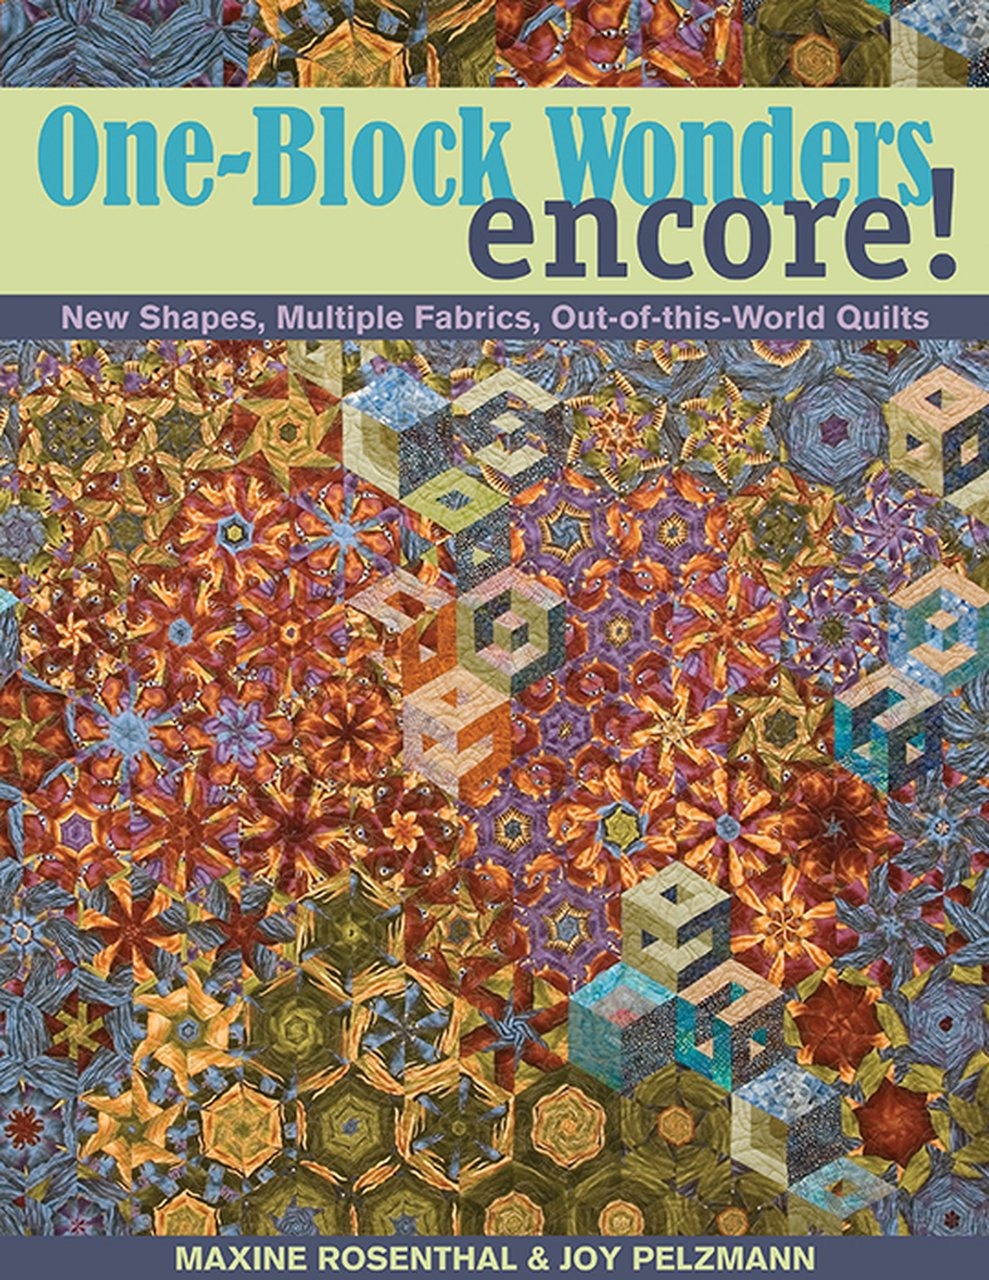 C&T Book One Block Wonders Encore